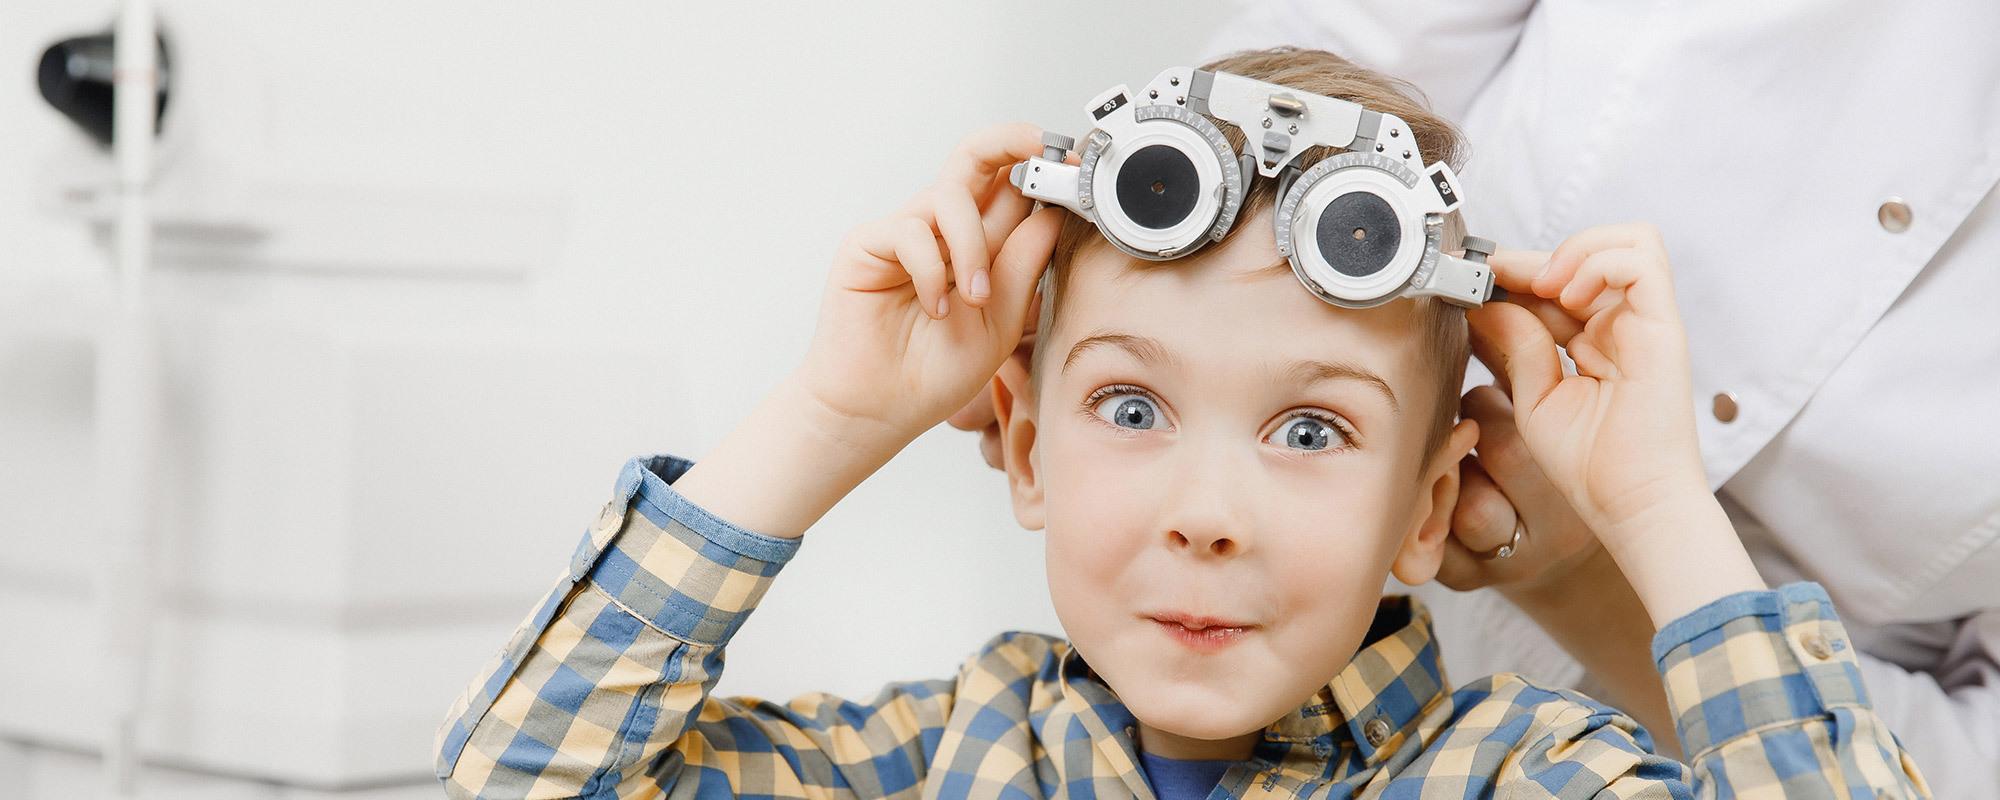 oftalmologie congenitală pentru copii muzica pentru vedere